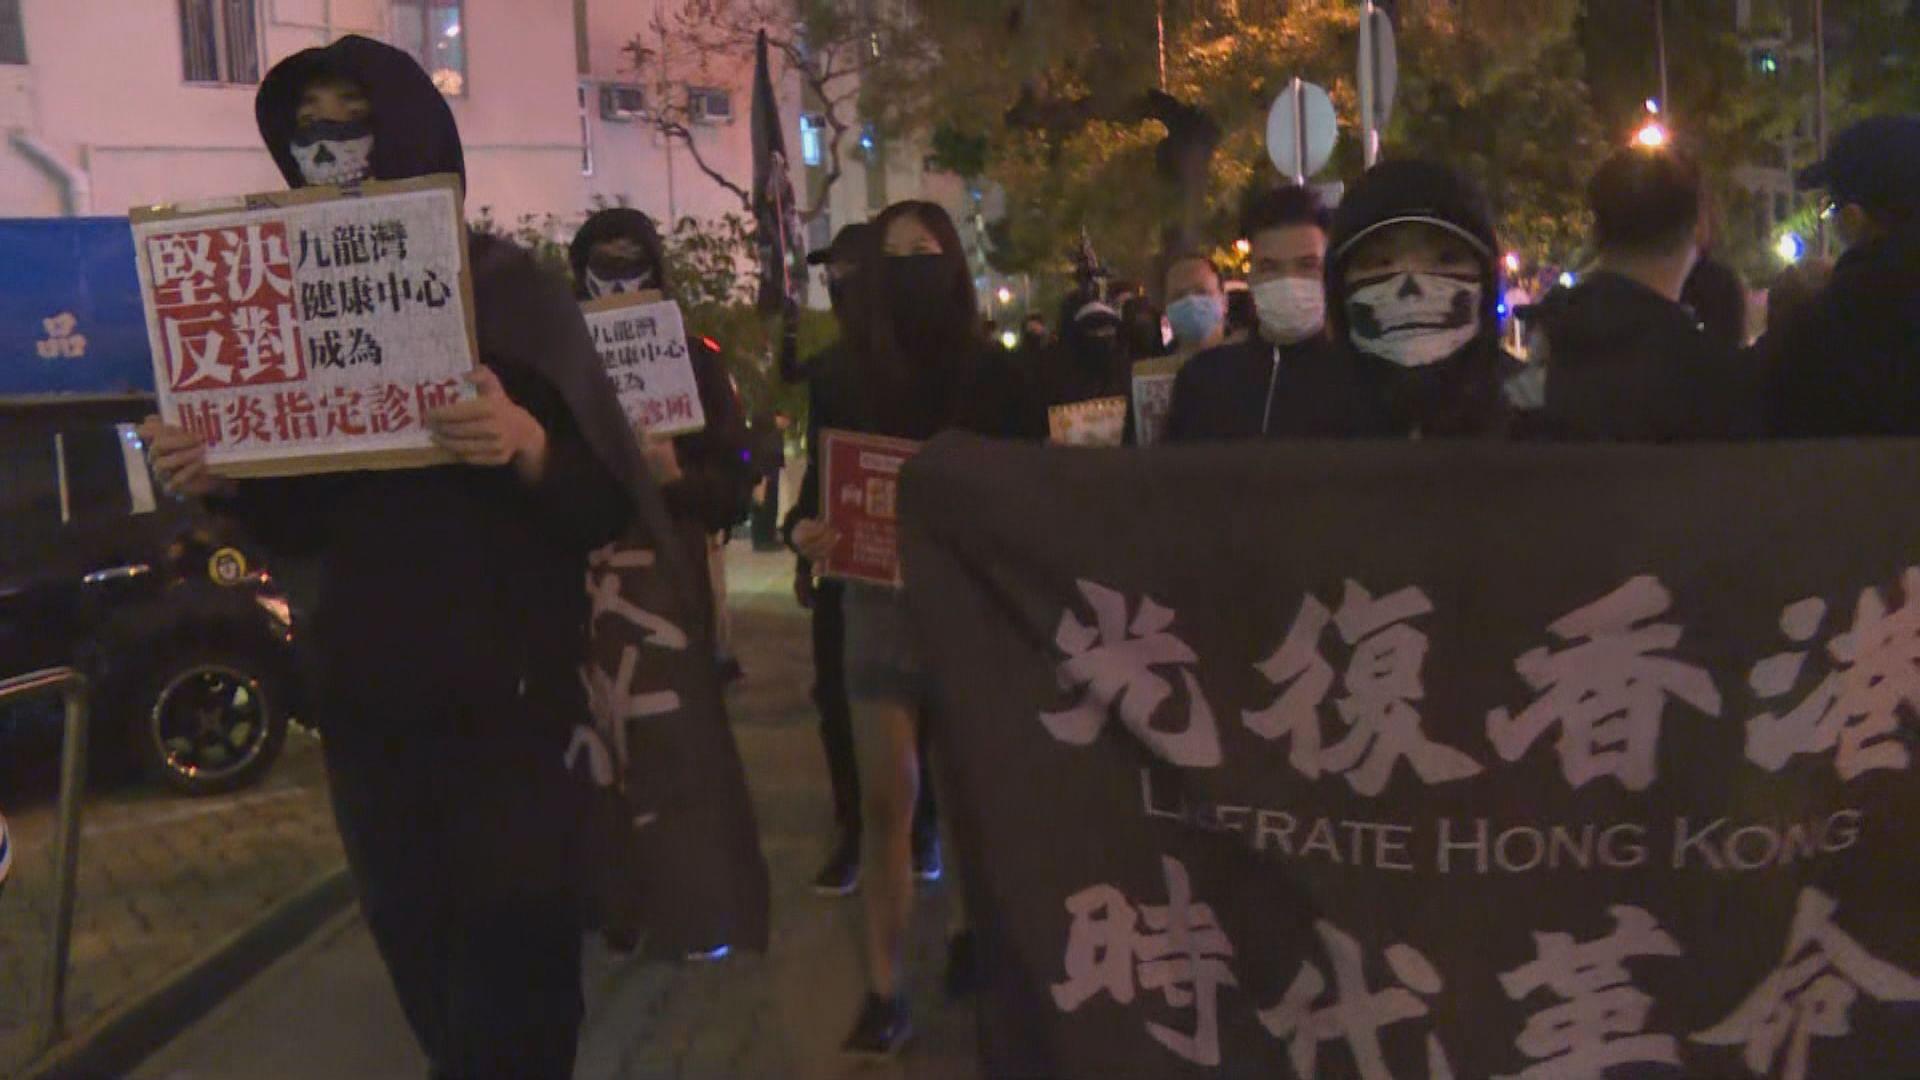 九龍灣居民遊行抗議於該區設指定診所